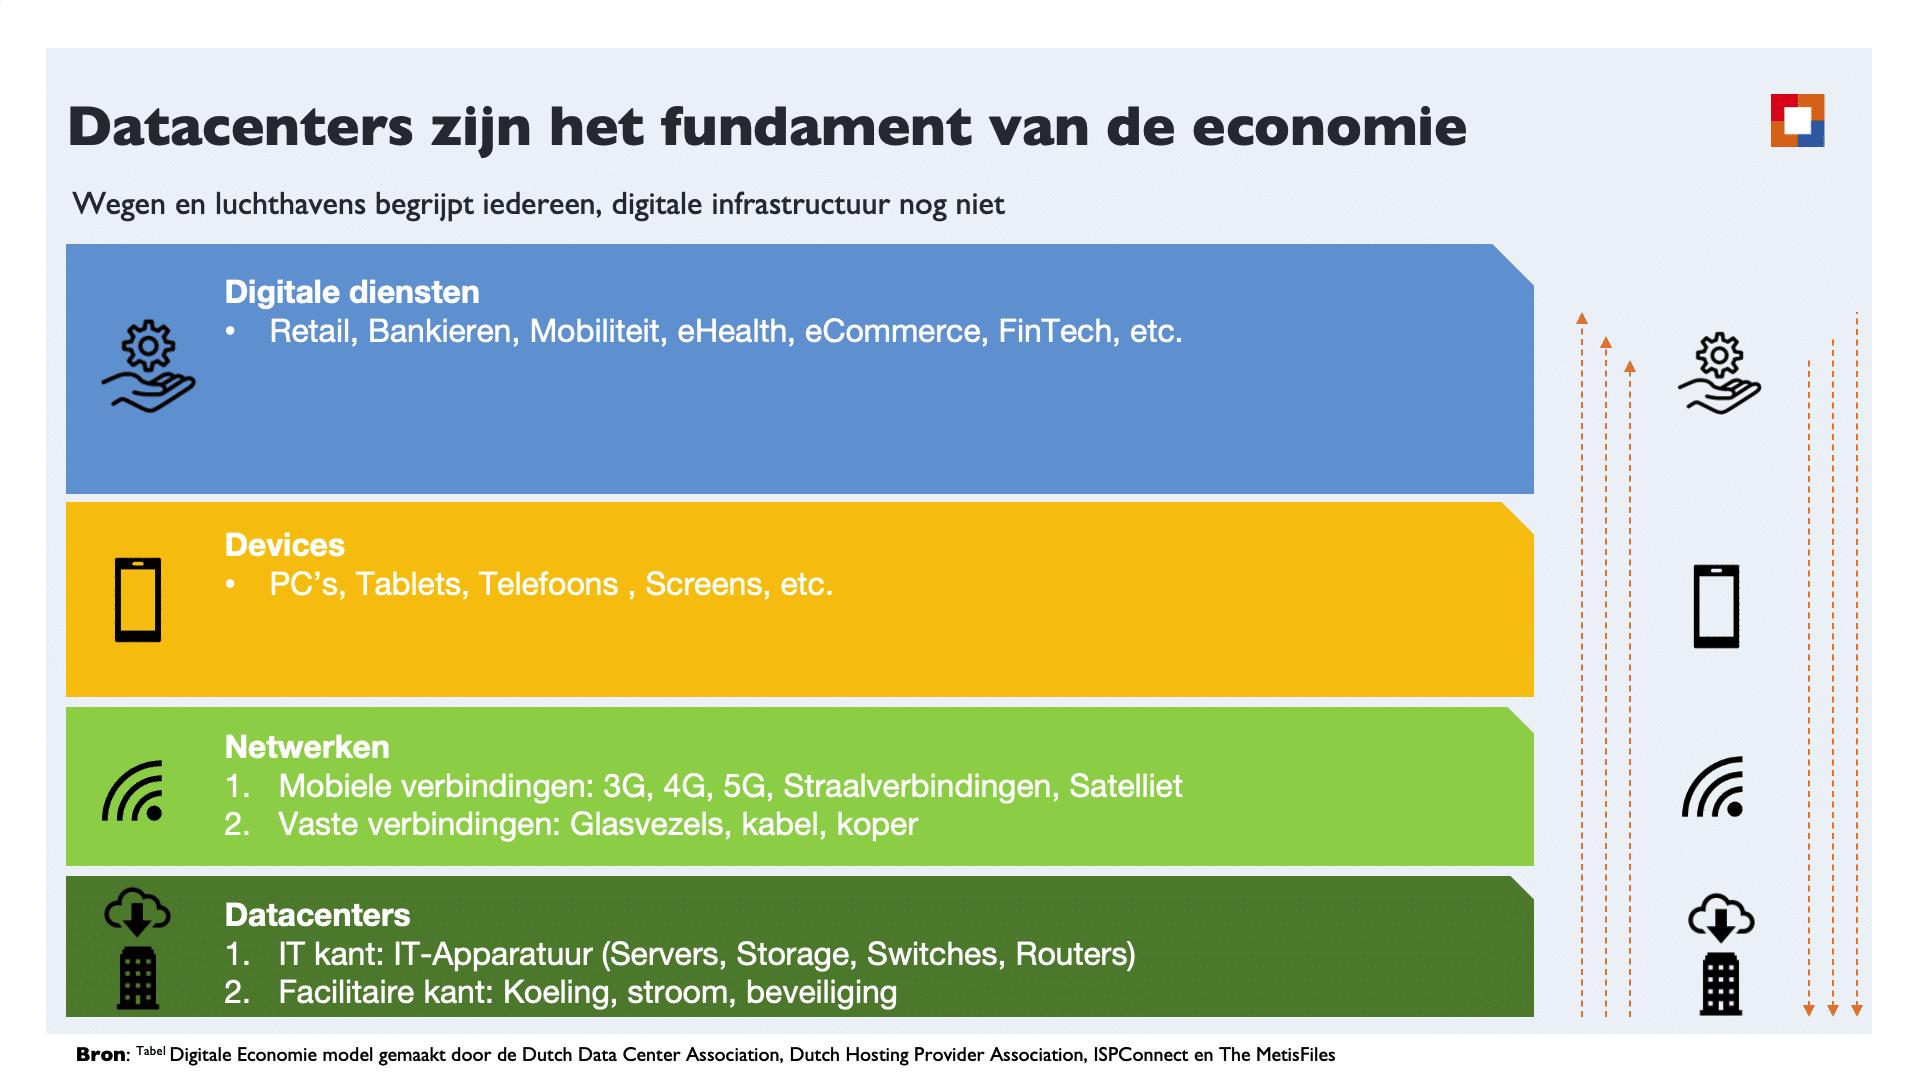 Fundament van de economie